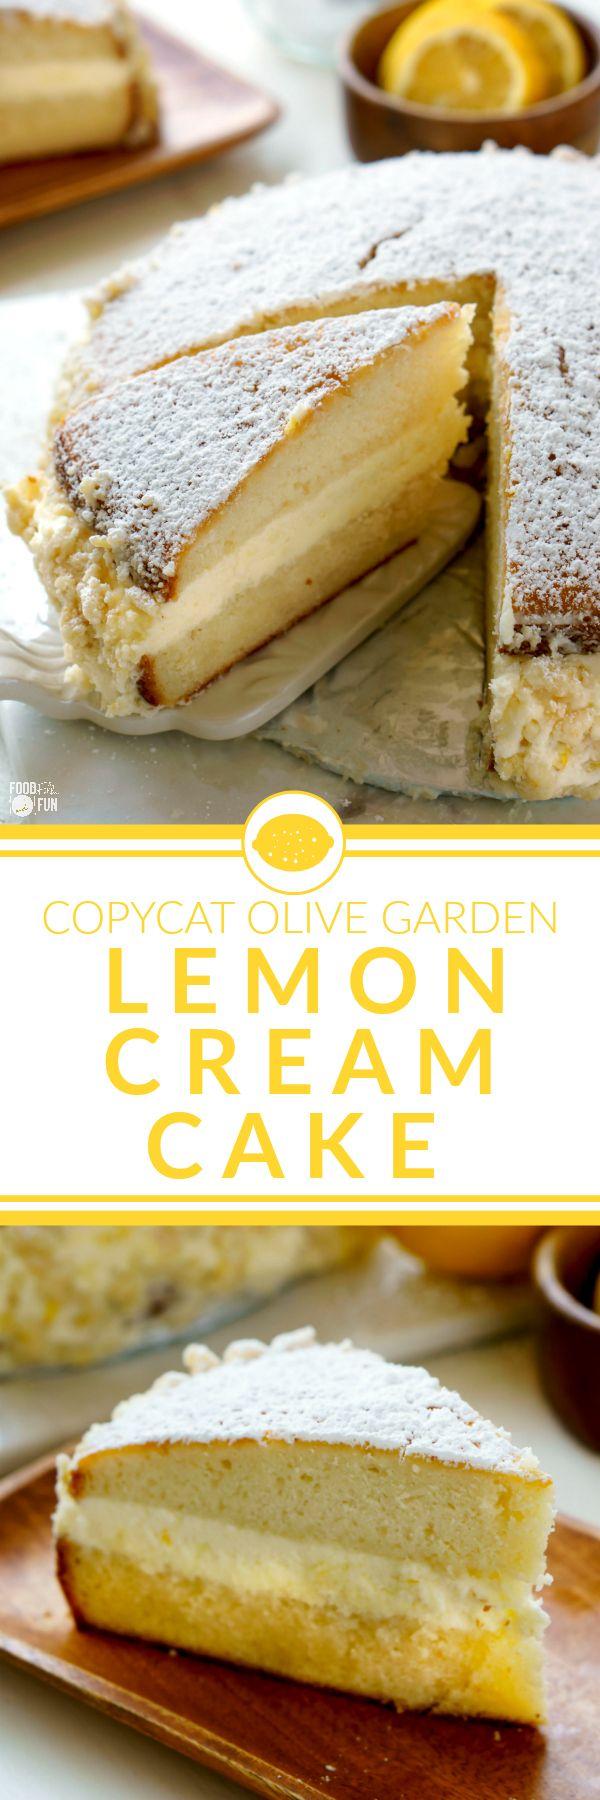 Easter Lemon Dessert Recipes